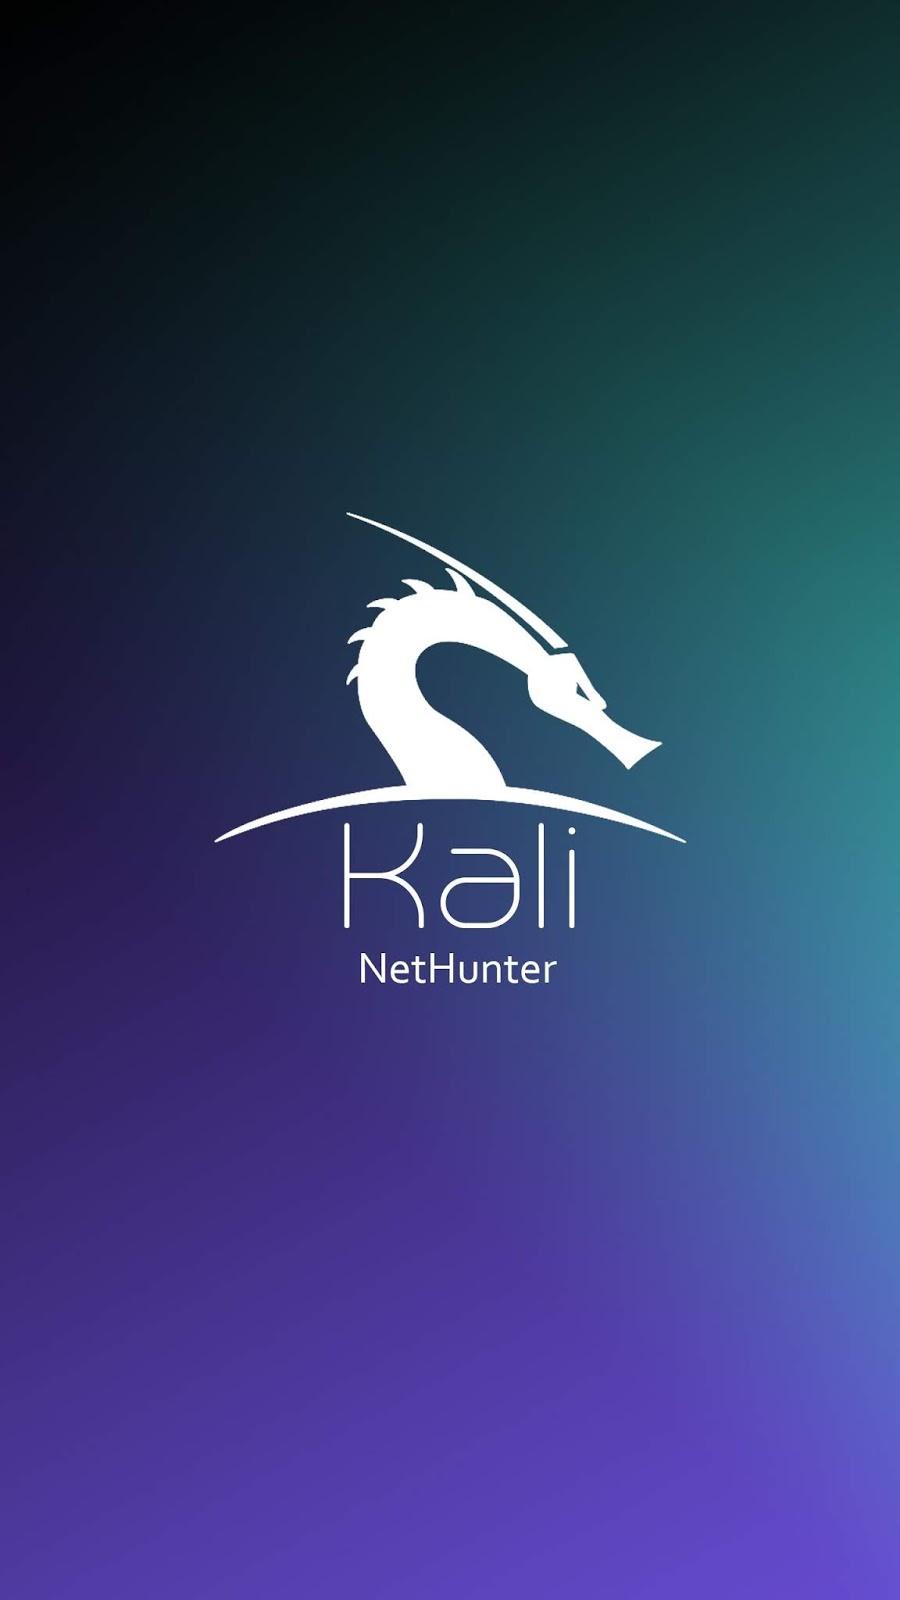 Kali NetHunter - Pen Testing Platform for Android gets